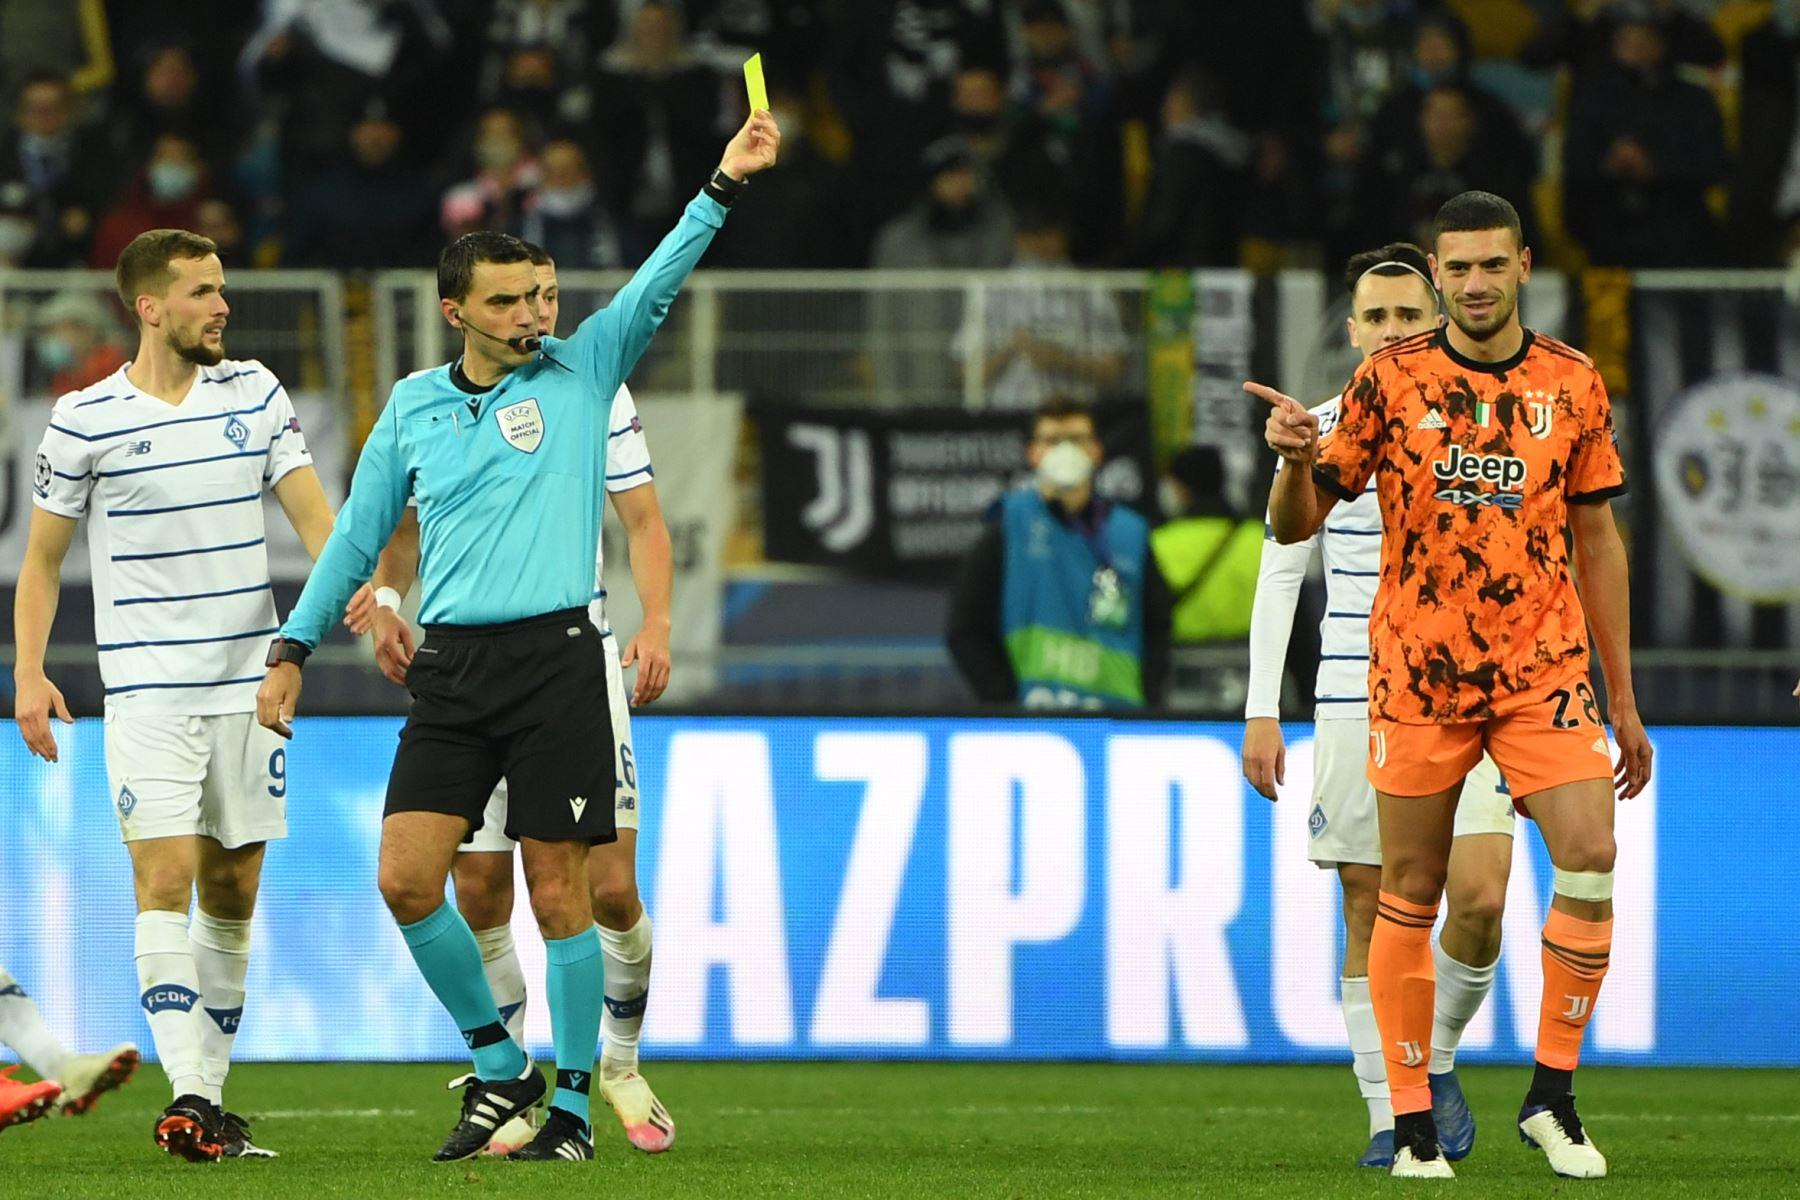 El defensor turco de la Juventus, Merih Demiral, recibe una tarjeta amarilla durante el partido de fútbol del grupo G de la Liga de Campeones de la UEFA. Foto: AFP